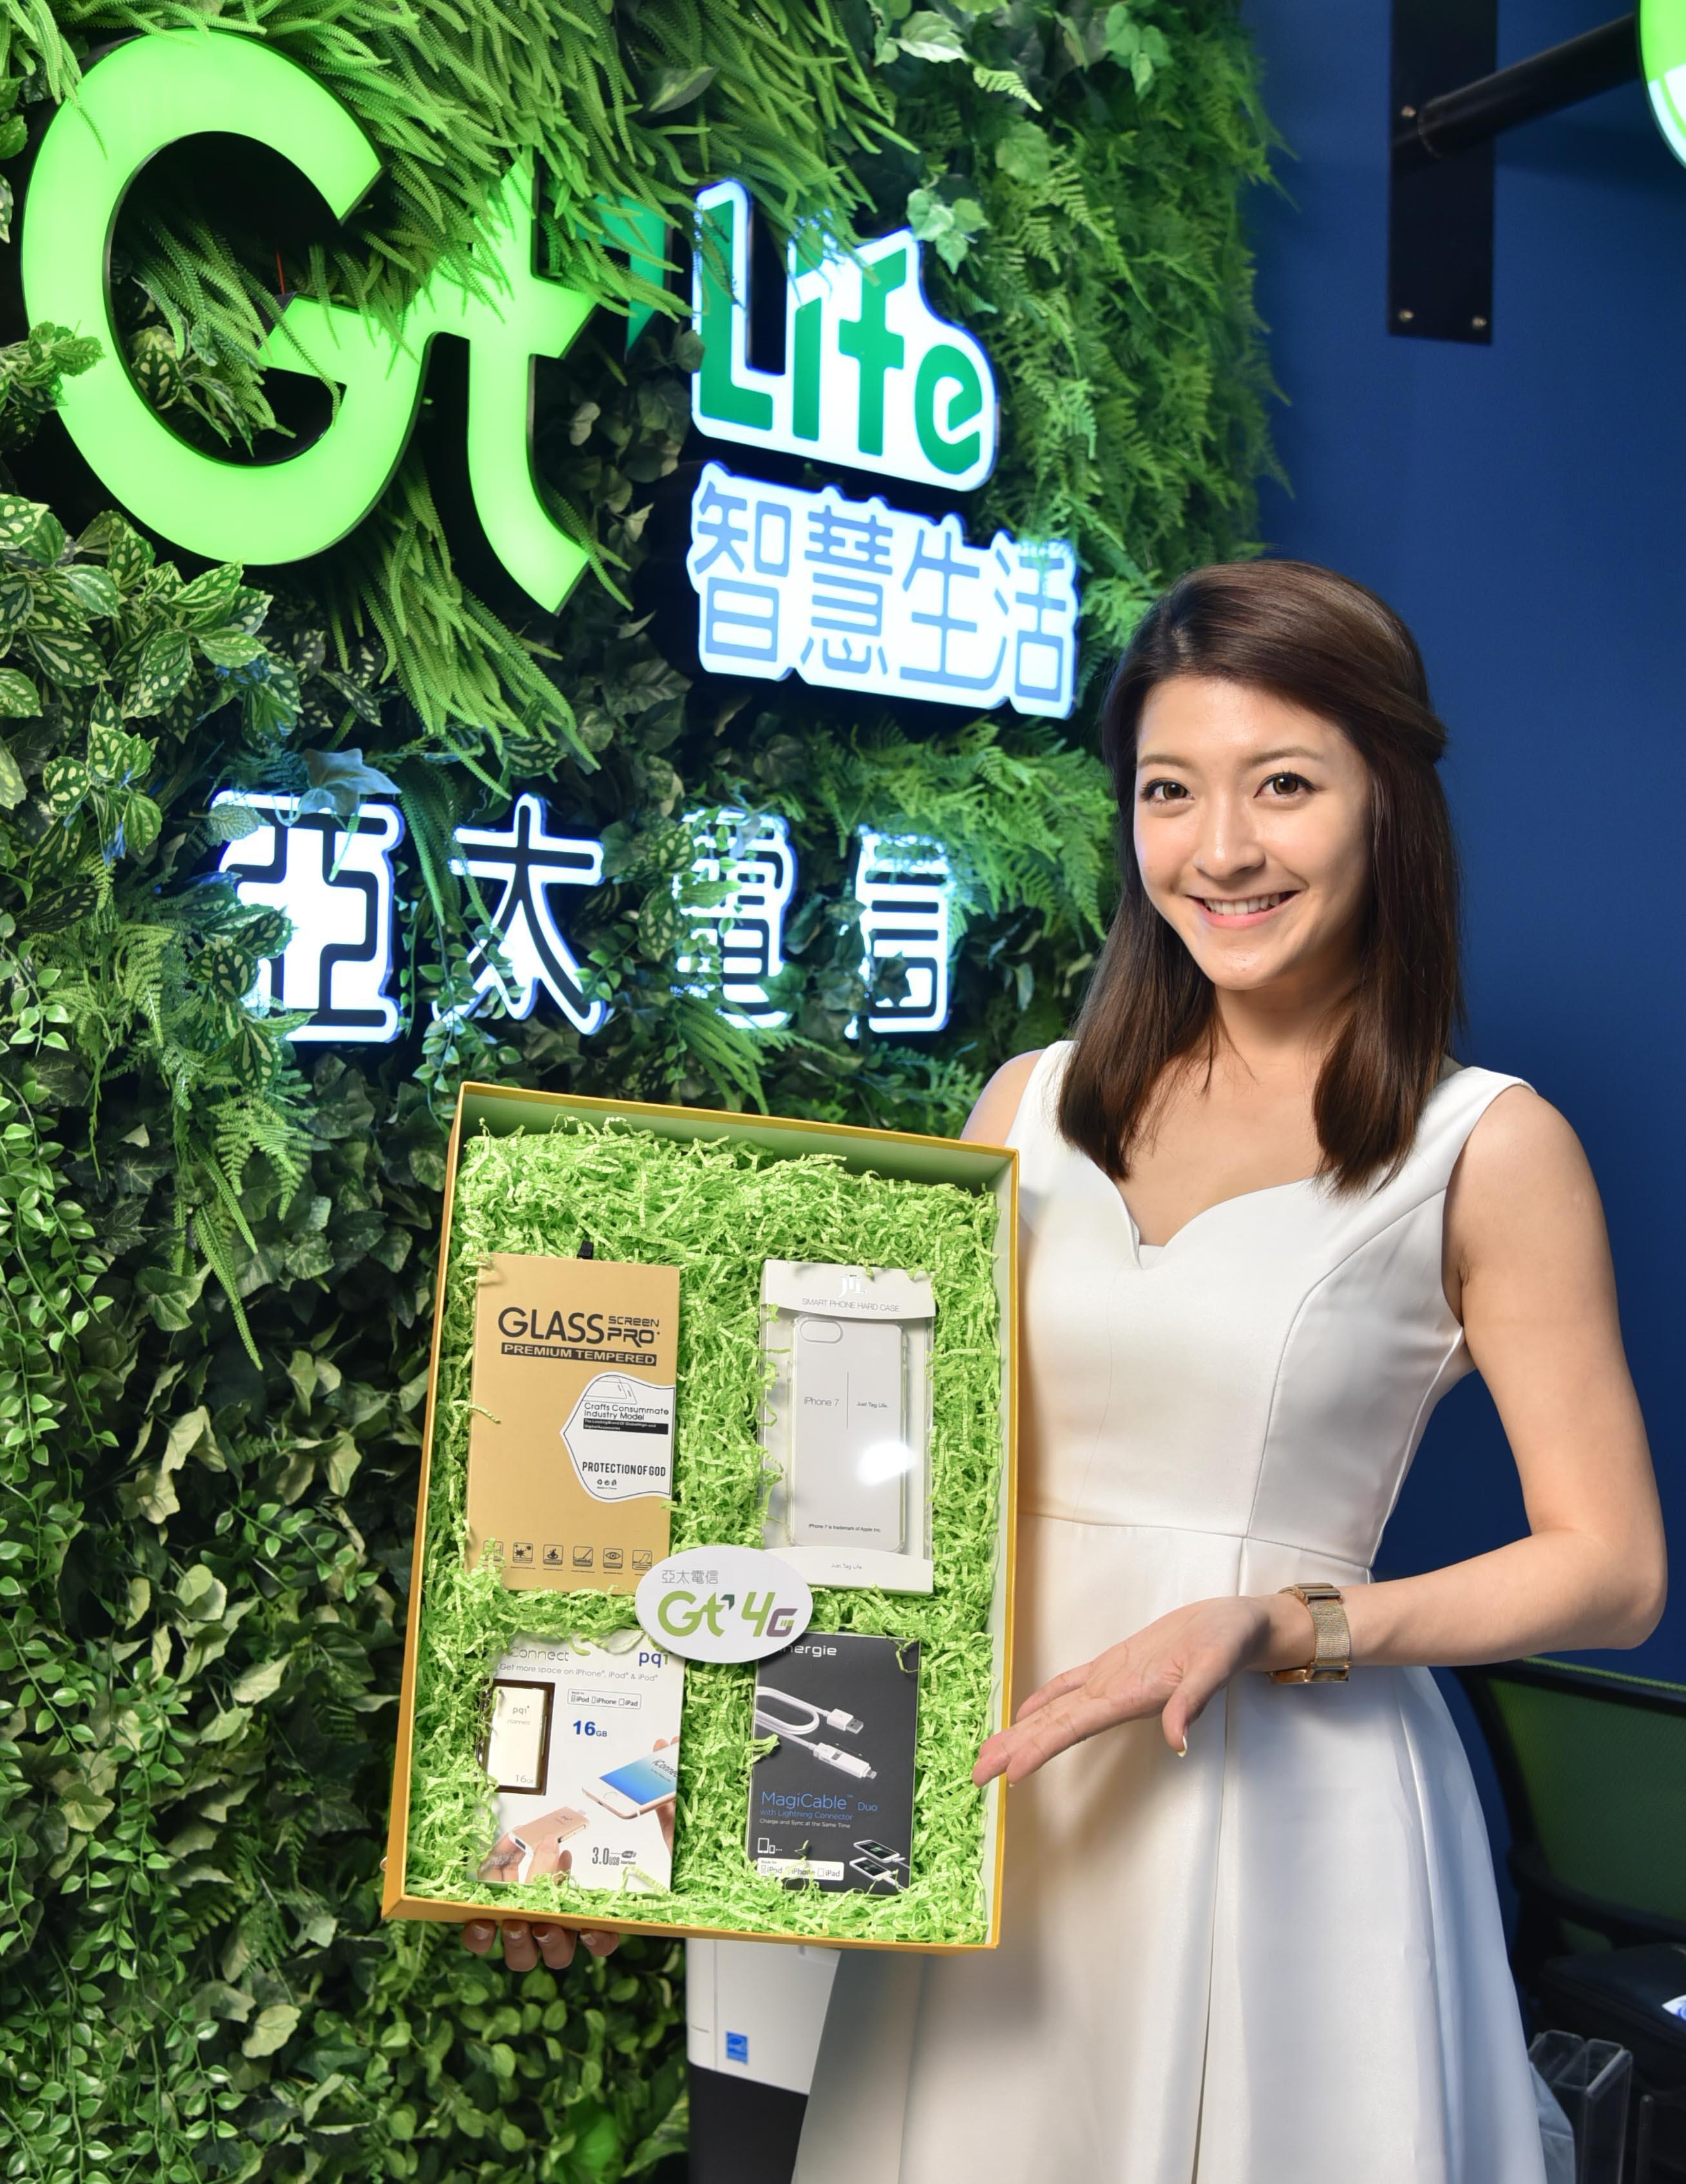 亞太電信iPhone 7預購專屬愛7禮盒